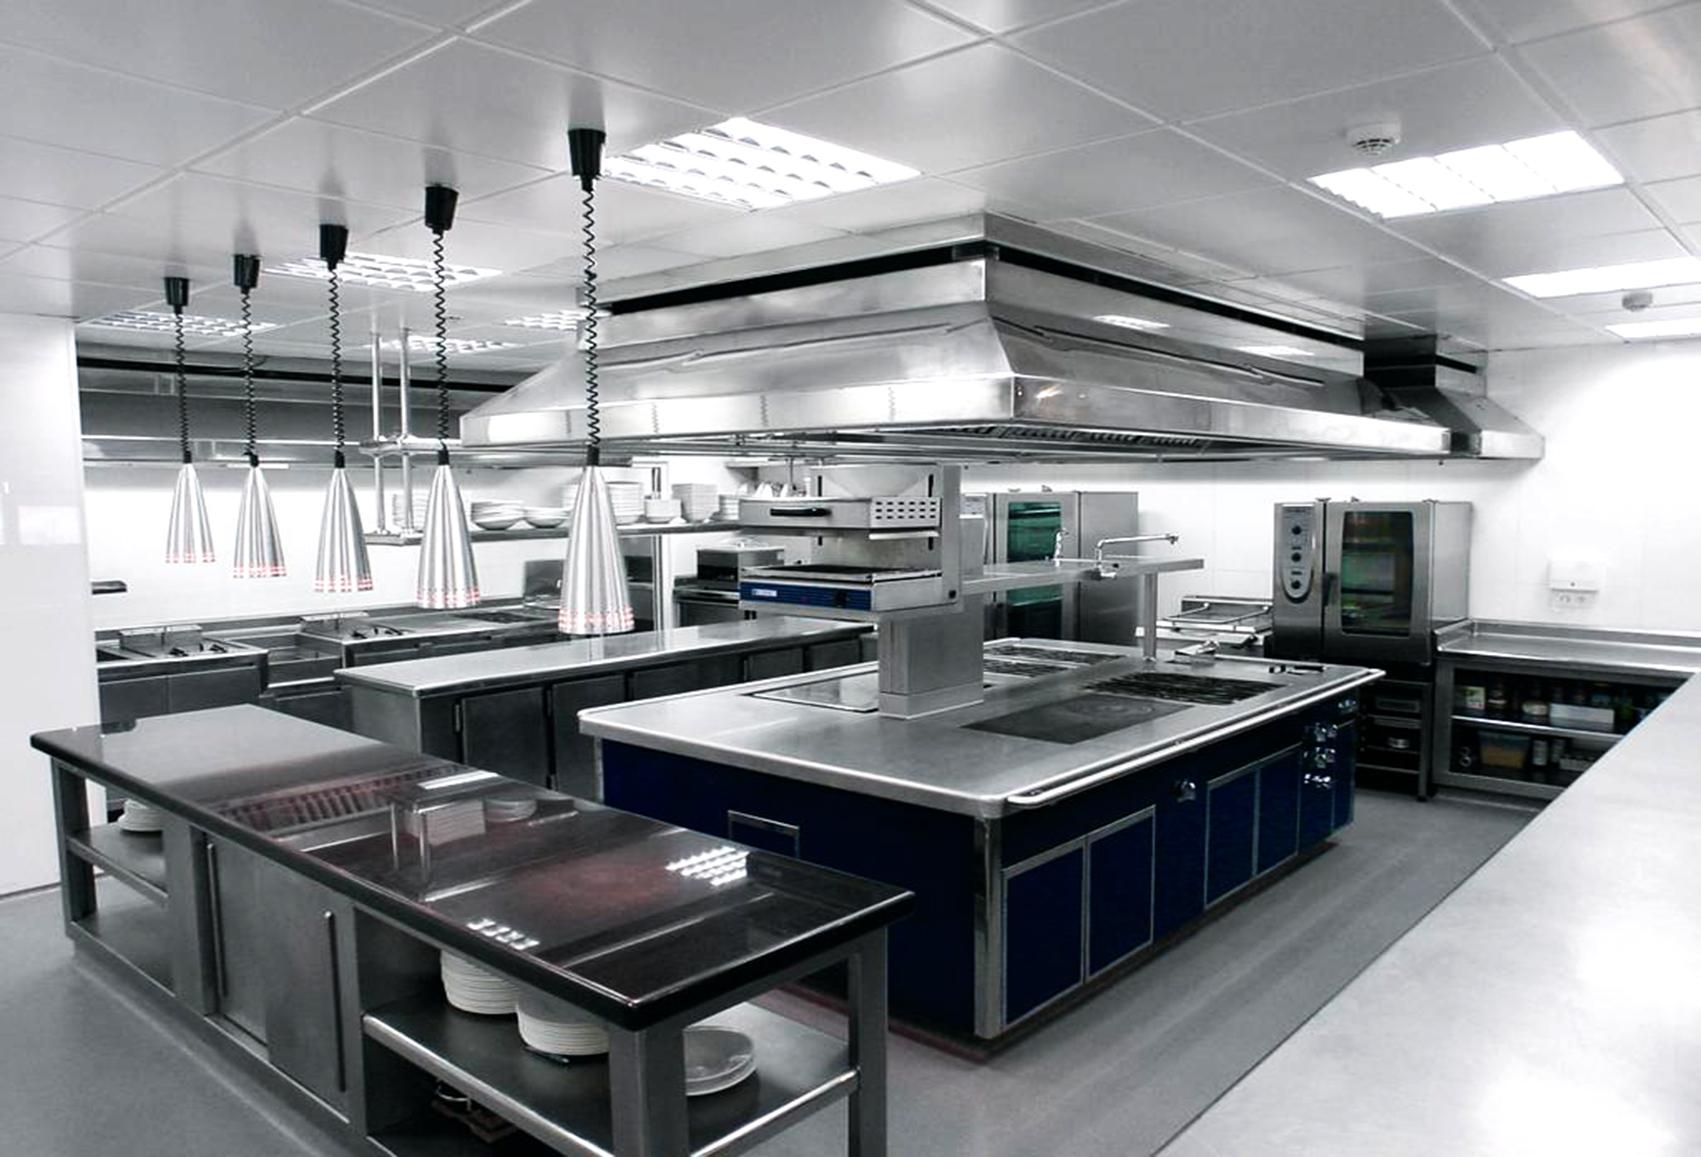 cocina-acero-inoxidable-3